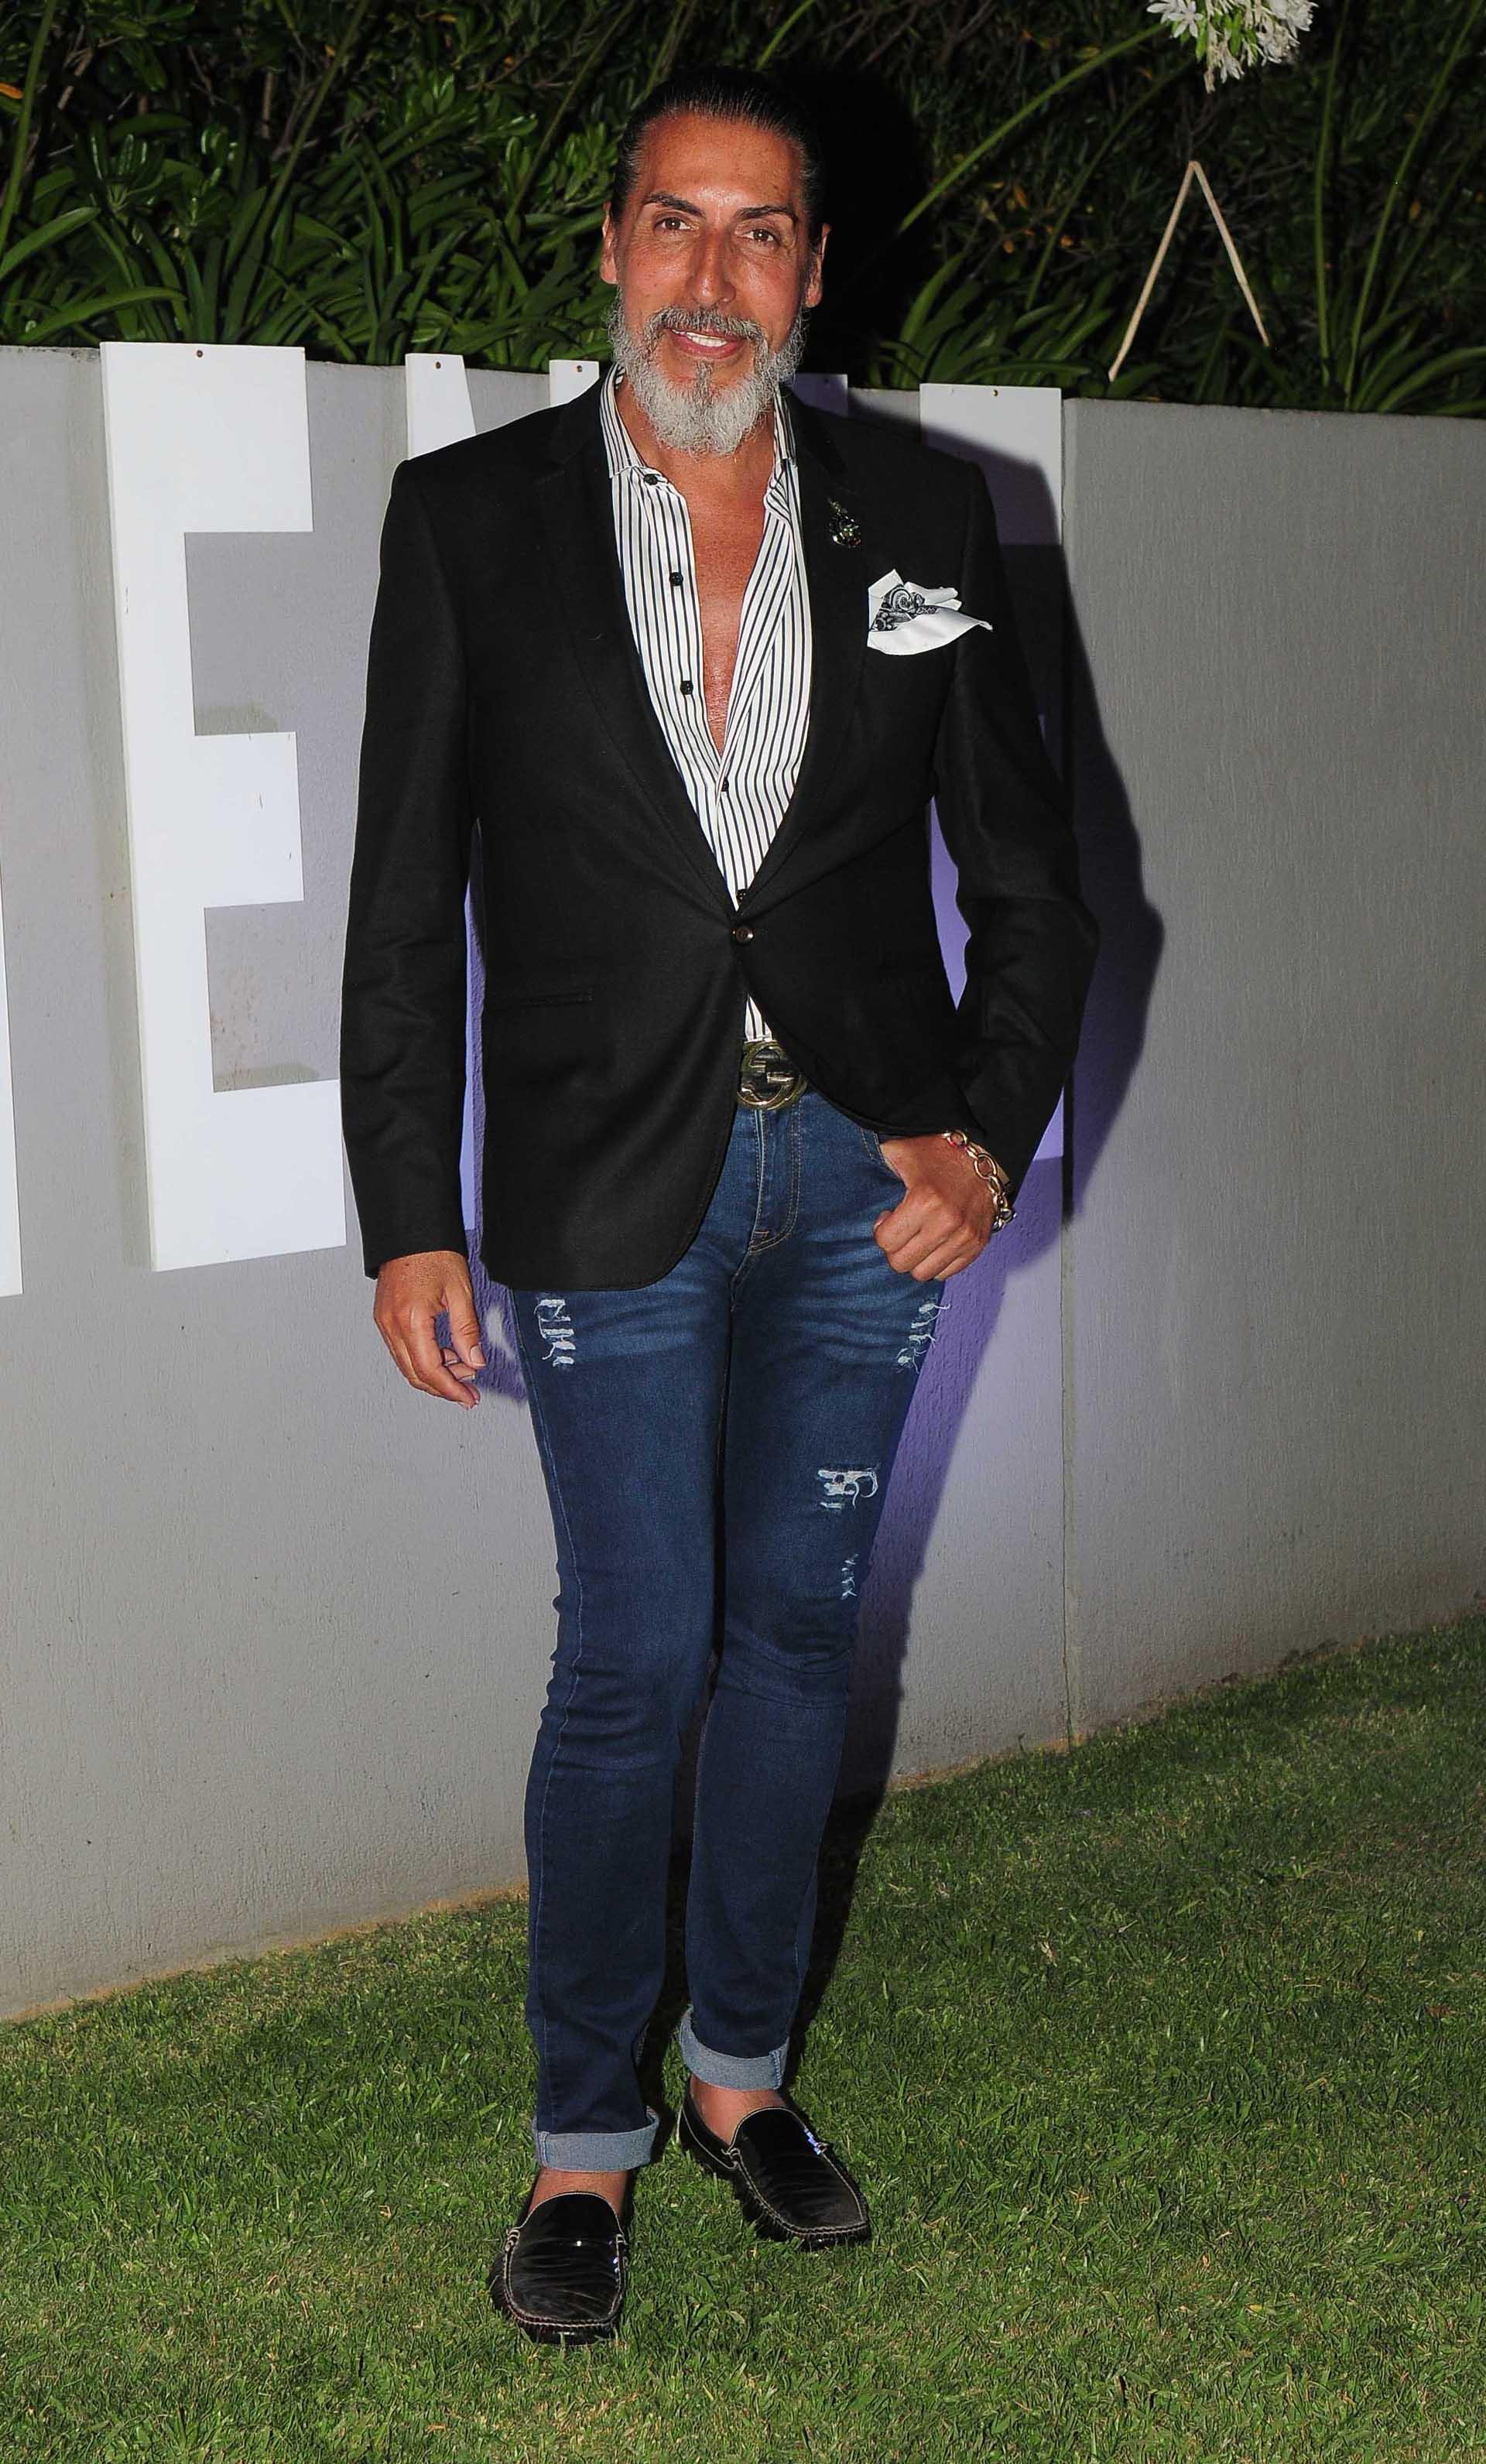 César Juricich con saco y camisa de sastrería Master combinado con jeans chupines y loafers